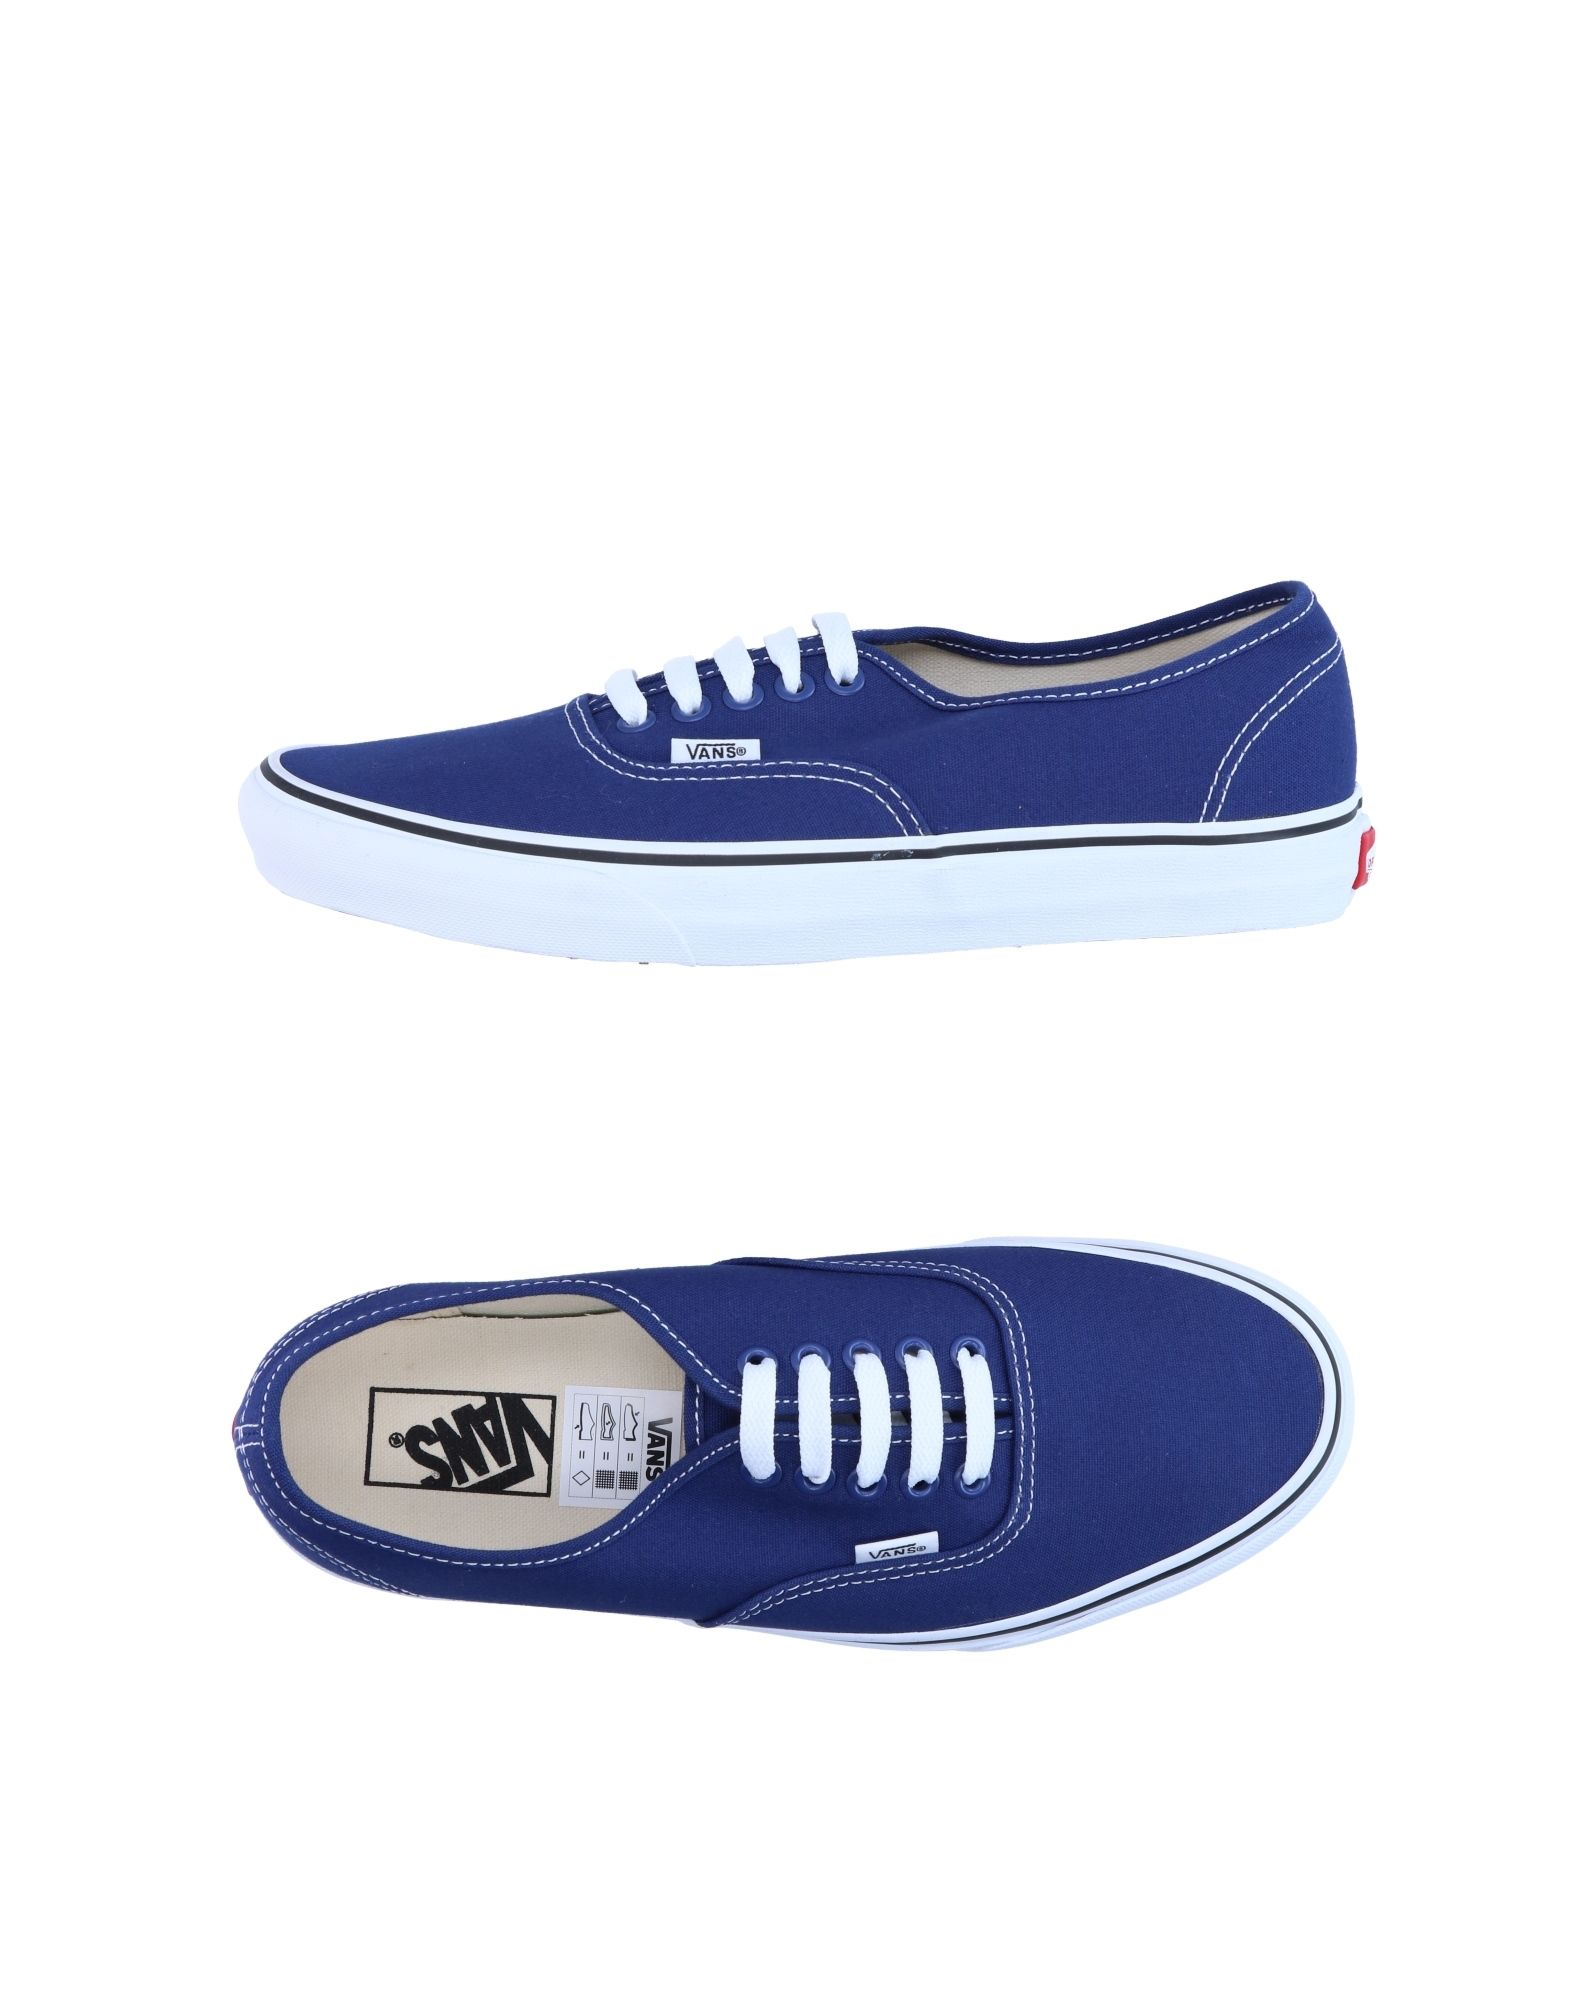 Rabatt echte Schuhe Herren Vans Sneakers Herren Schuhe  11282659BH 0823b0